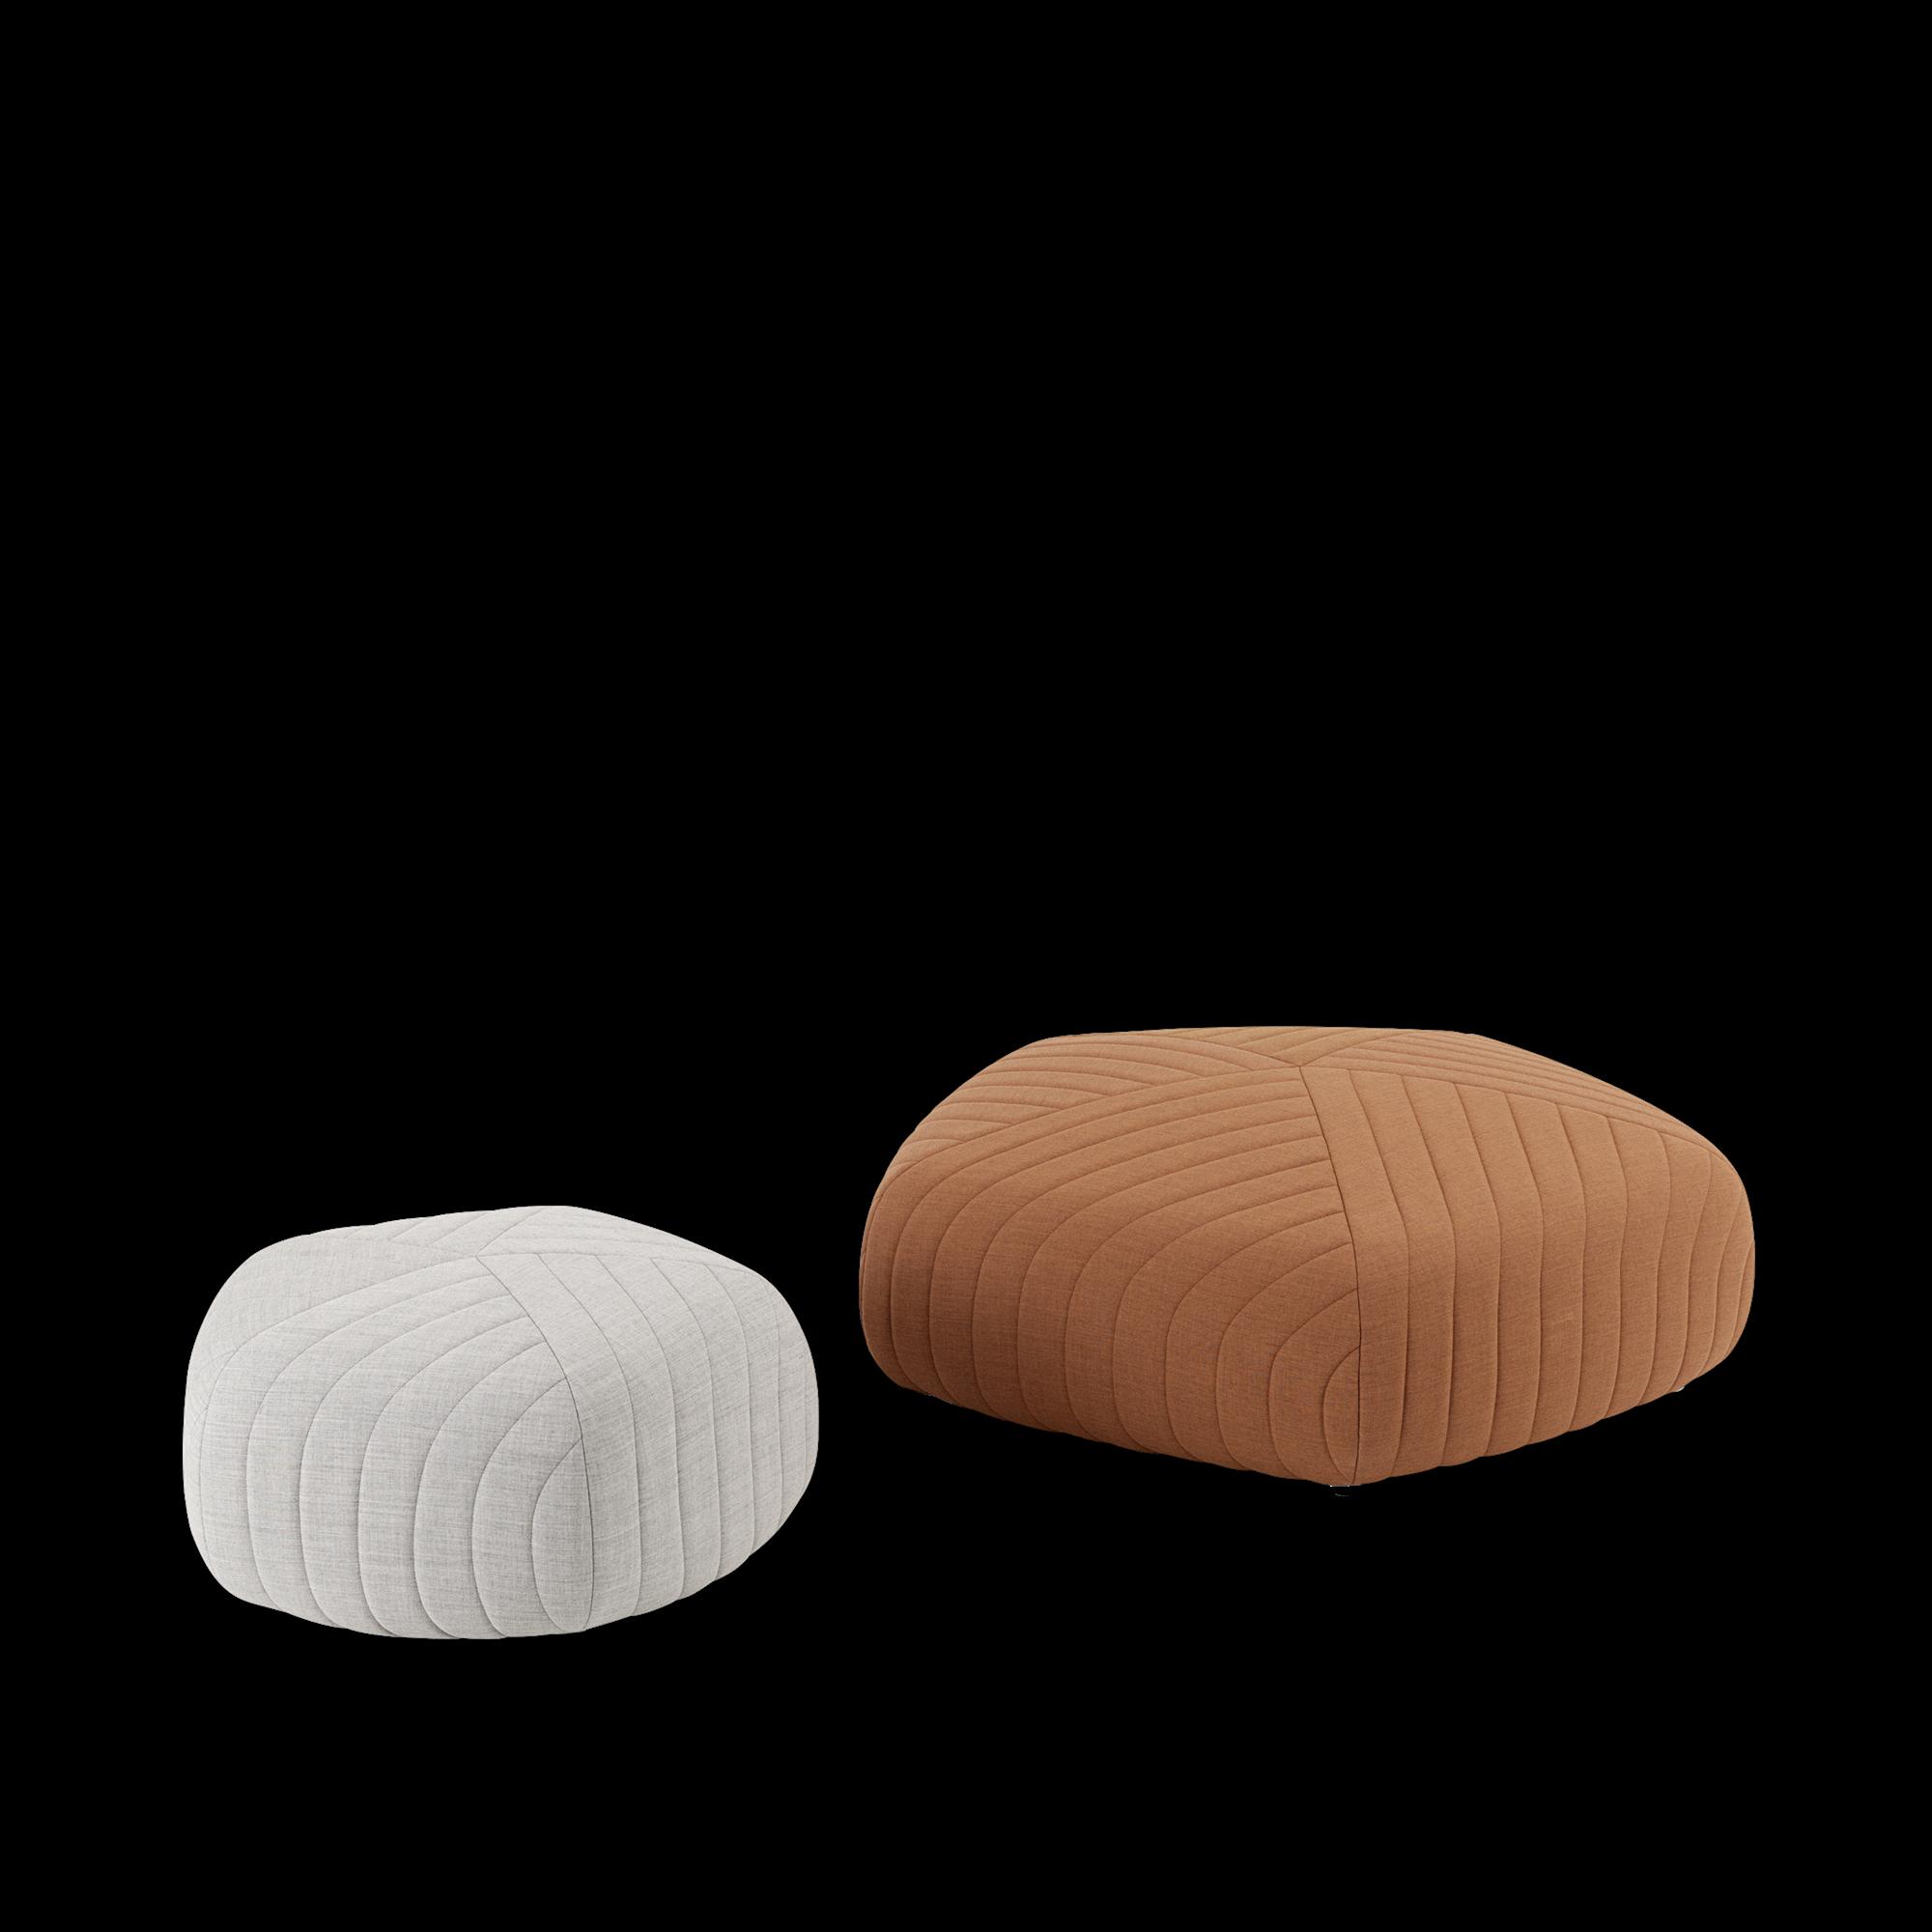 five-pouf-master-five-pouf-1505401029-14027940.png